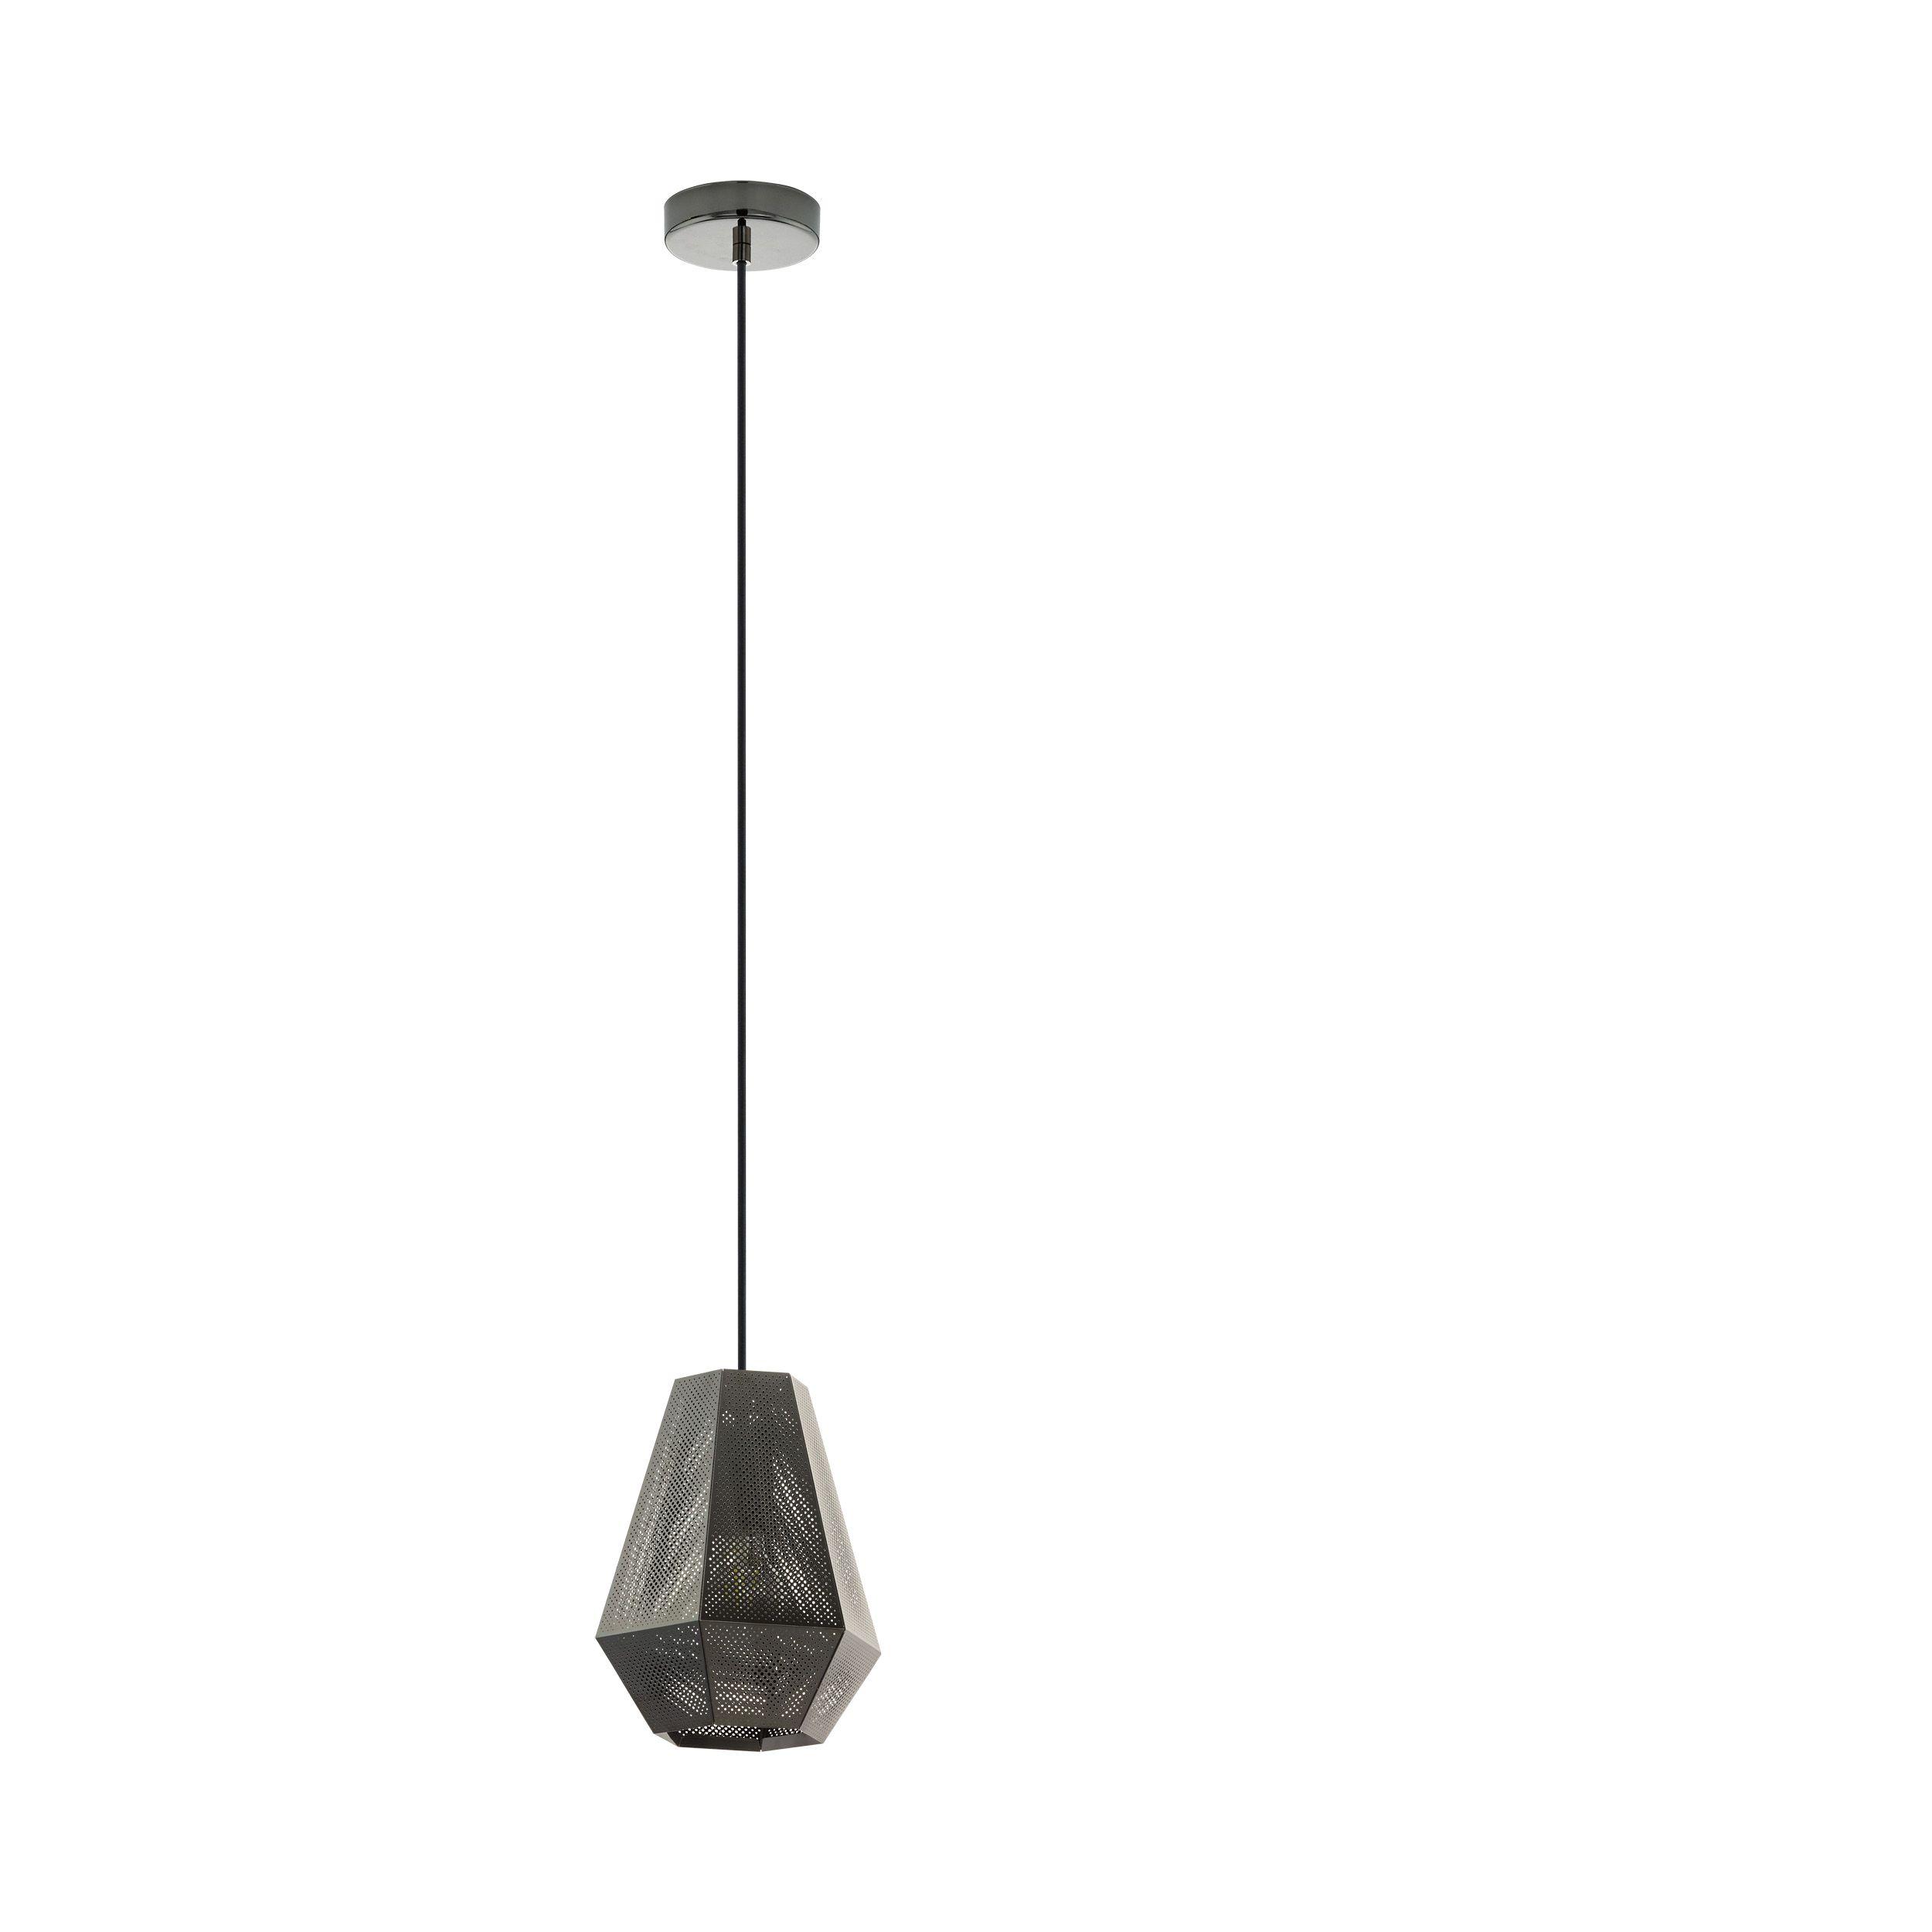 Chiavica hanglamp